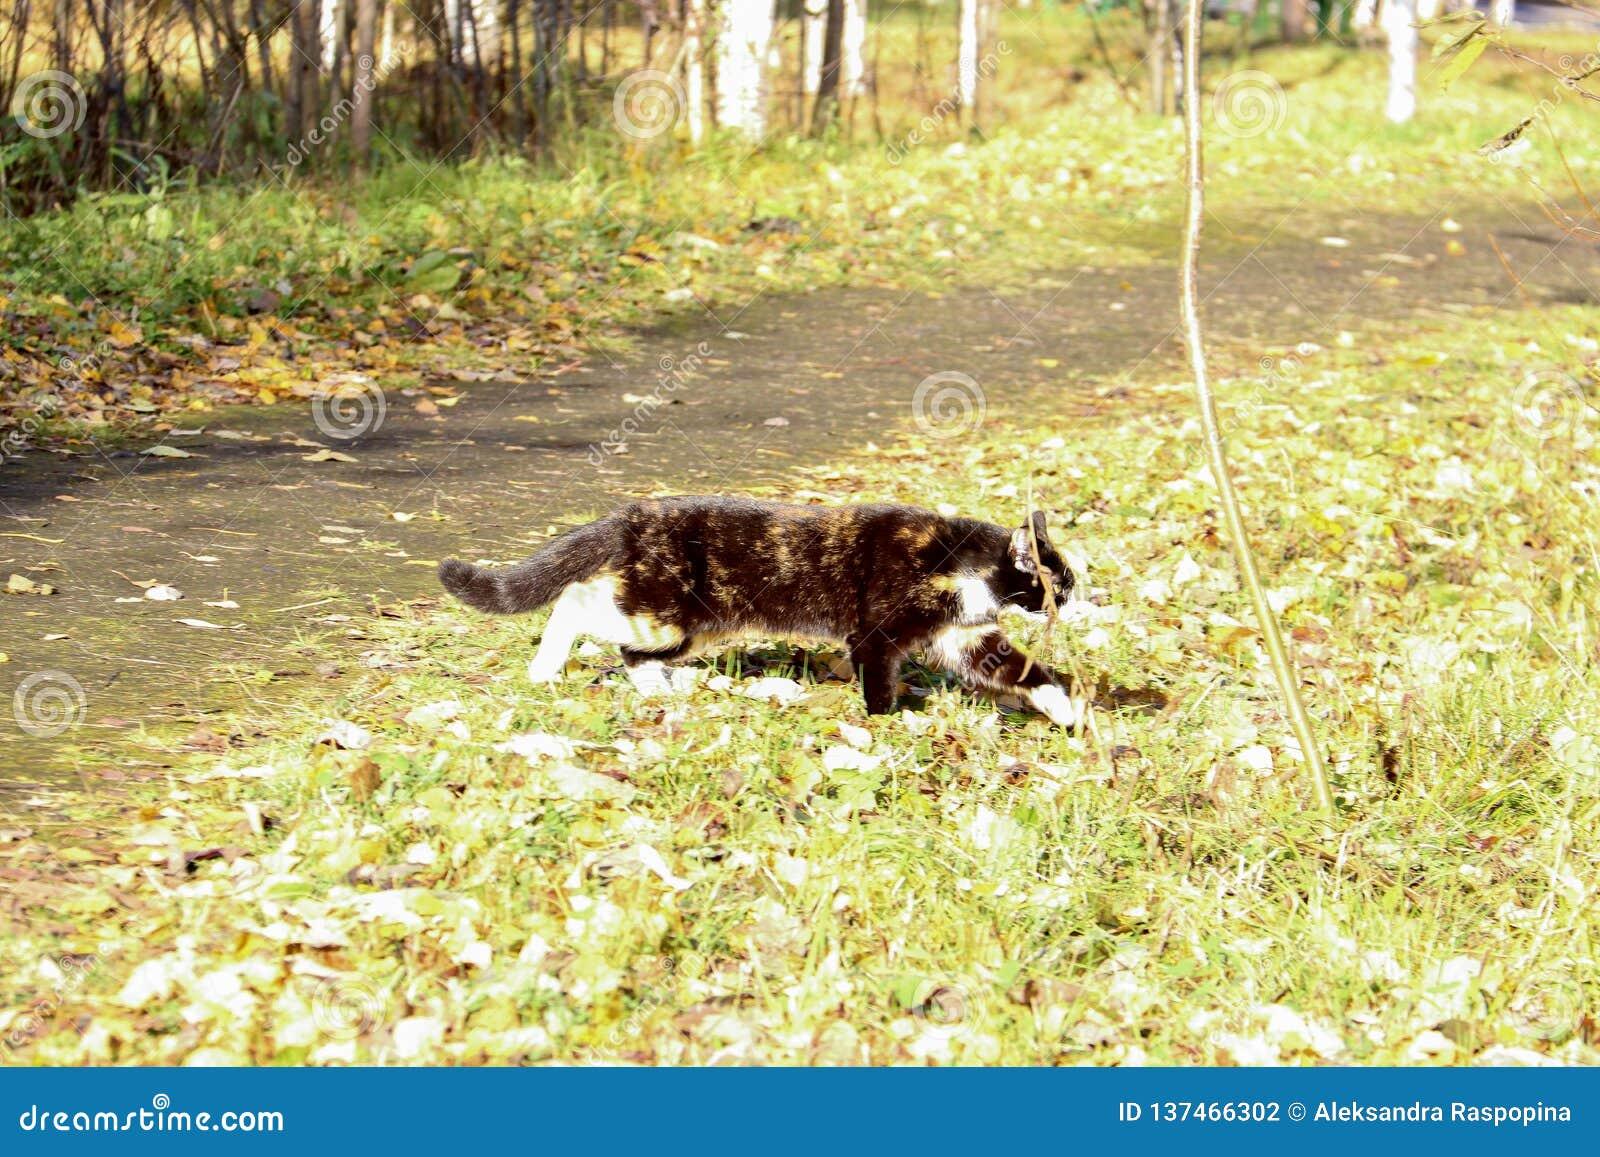 Γάτα στη χλόη Ημέρα φθινοπώρου κοντά στο χωριό Belomorye, περιοχή του Αρχάγγελσκ